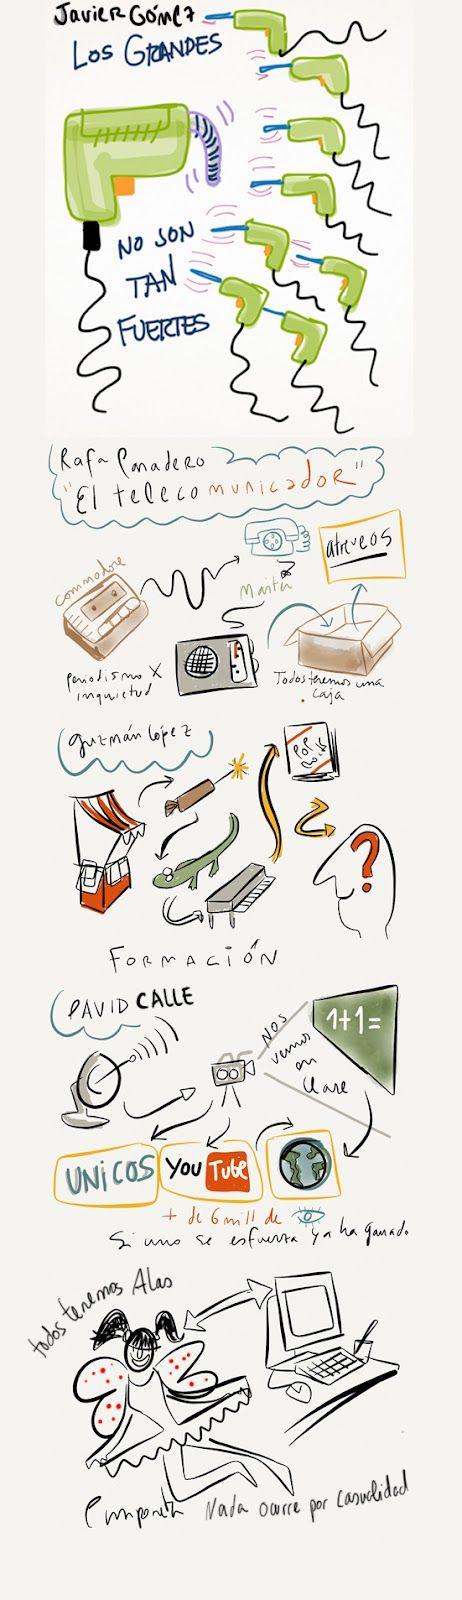 Dibujario: Fernando de Pablo: Algunas notas visuales de la #ThinkingParty